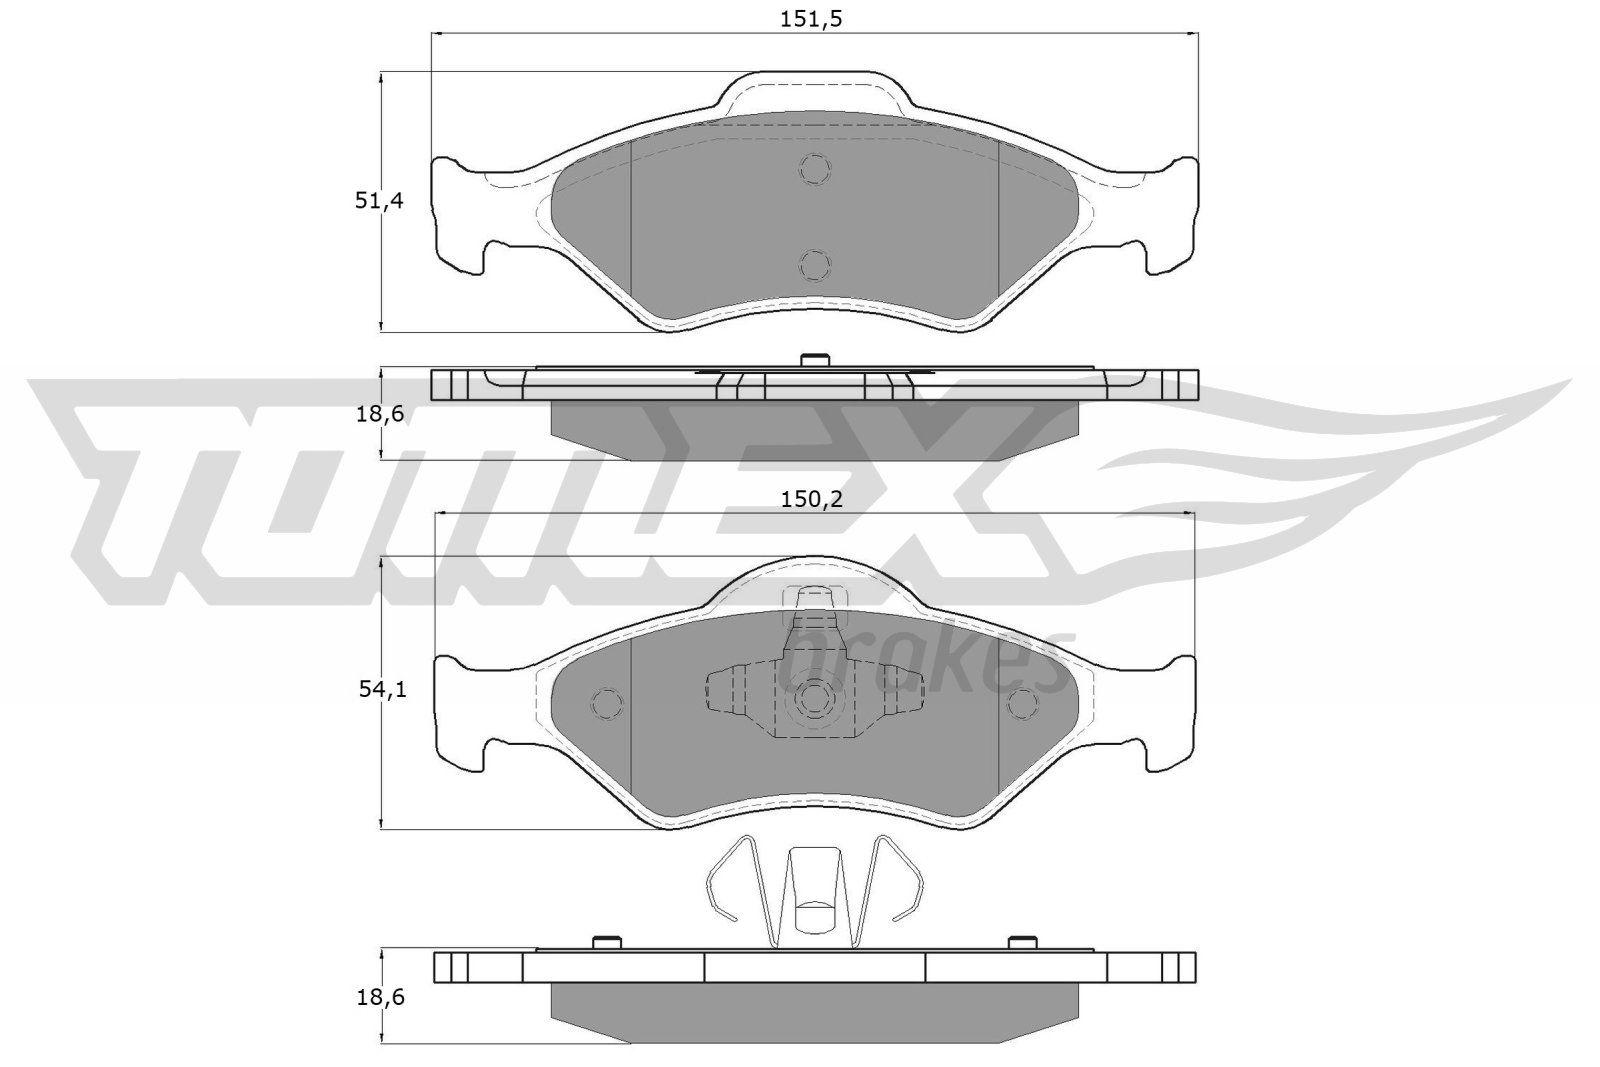 TOMEX brakes  TX 12-53 Bremsbelagsatz, Scheibenbremse Breite 1: 150,2mm, Breite 2: 151,5mm, Höhe 1: 54,1mm, Höhe 2: 51,4mm, Dicke/Stärke: 18,6mm